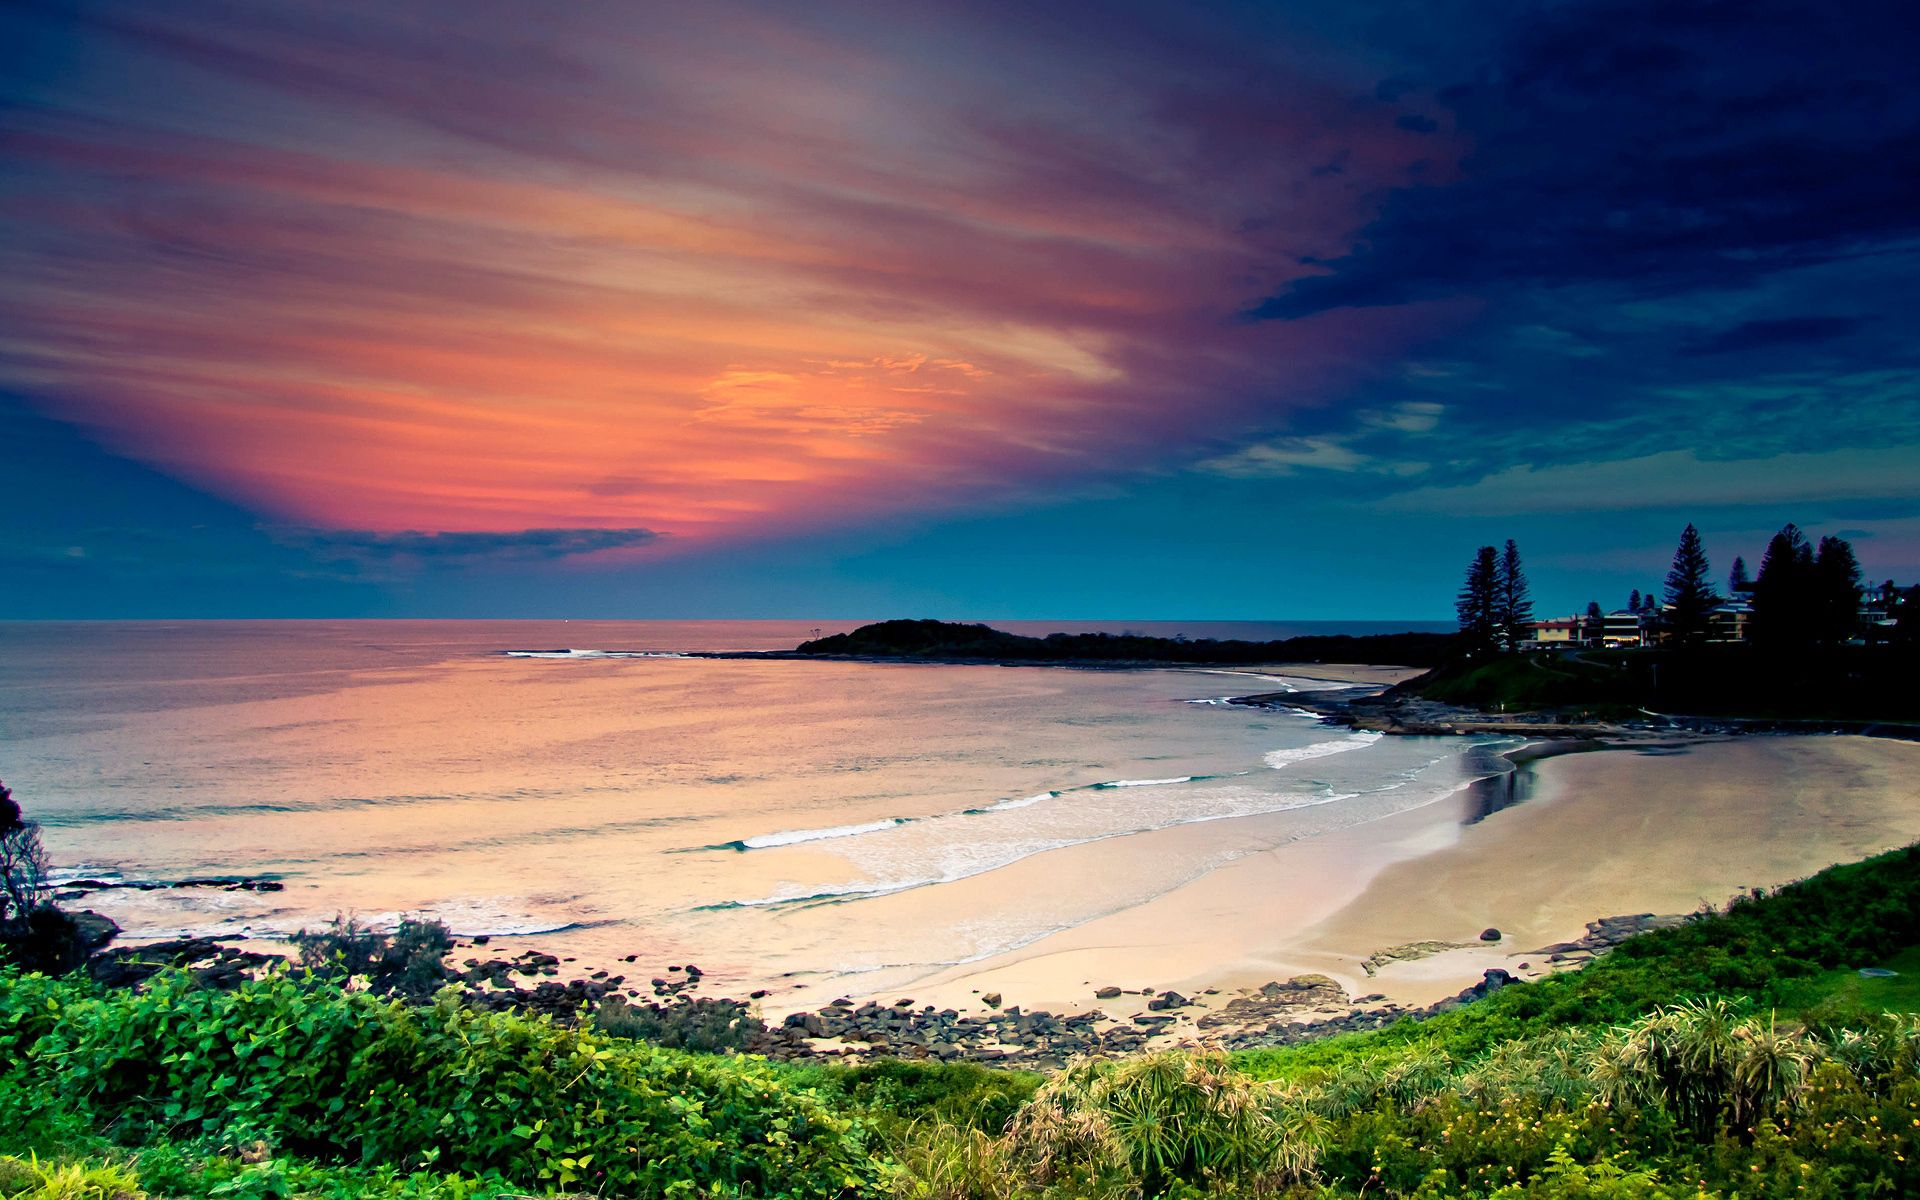 108047 Hintergrundbild herunterladen Waves, Strand, Natur, Sky, Sand, Küste, Ozean, Farbe, Vegetation, Farben, Abend, Bucht, Mündung, Ruhe - Bildschirmschoner und Bilder kostenlos